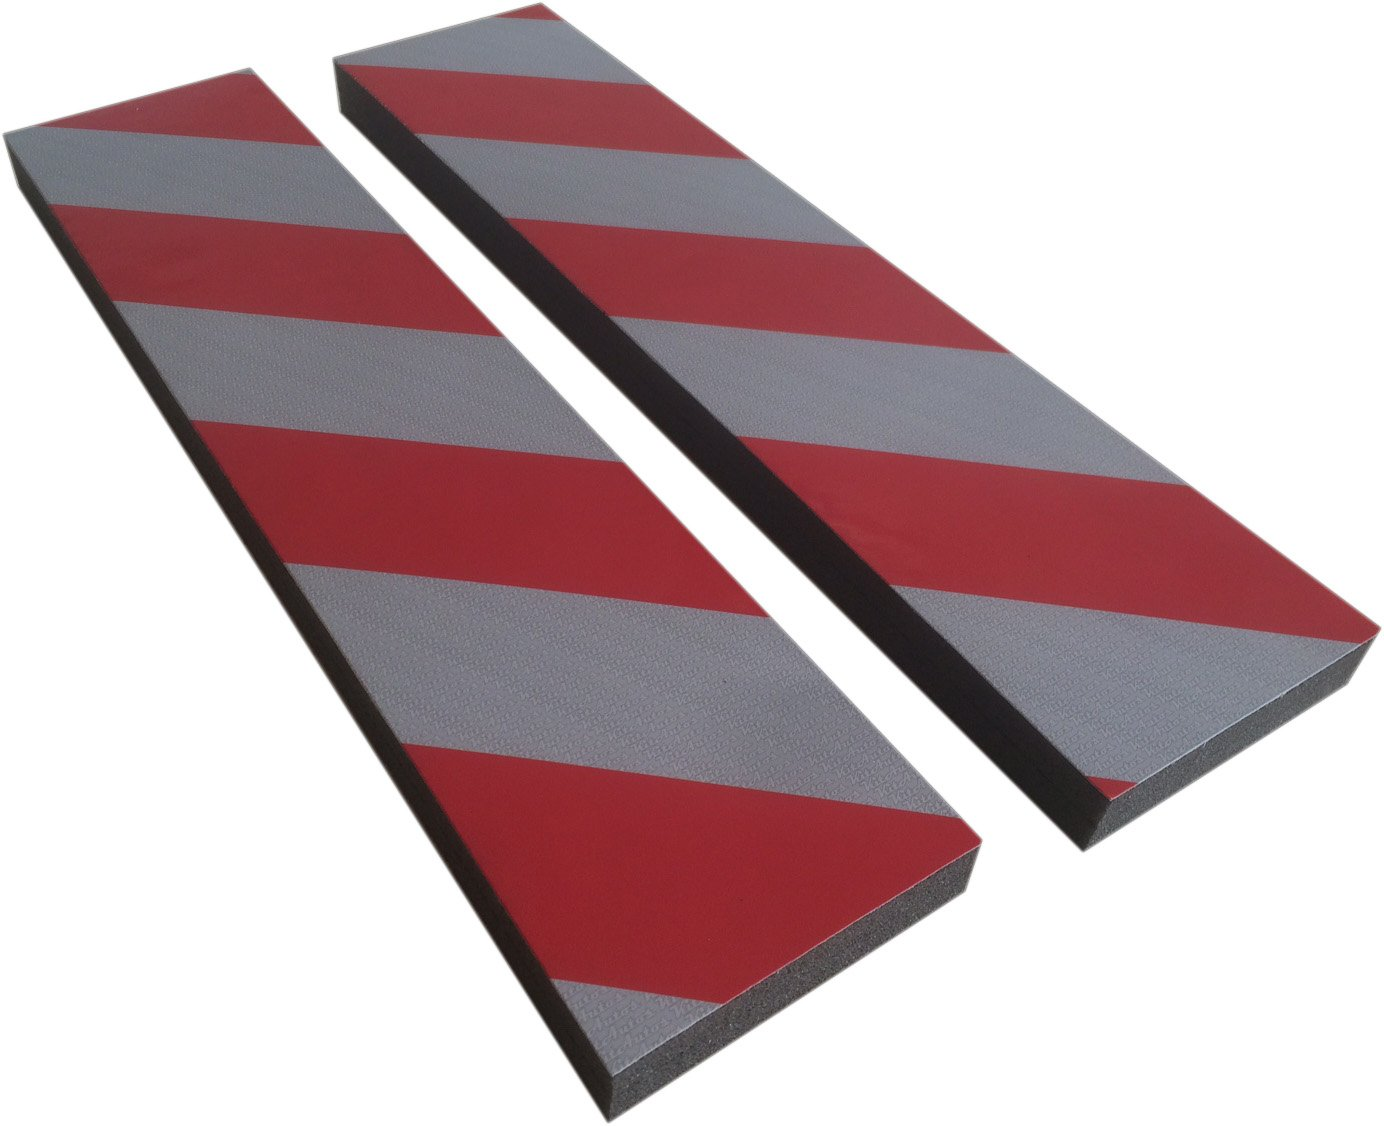 confezione da 2 PP409R,9 x 40 cm Protettori per parcheggio KITAUTOS mod spessore 2 cm